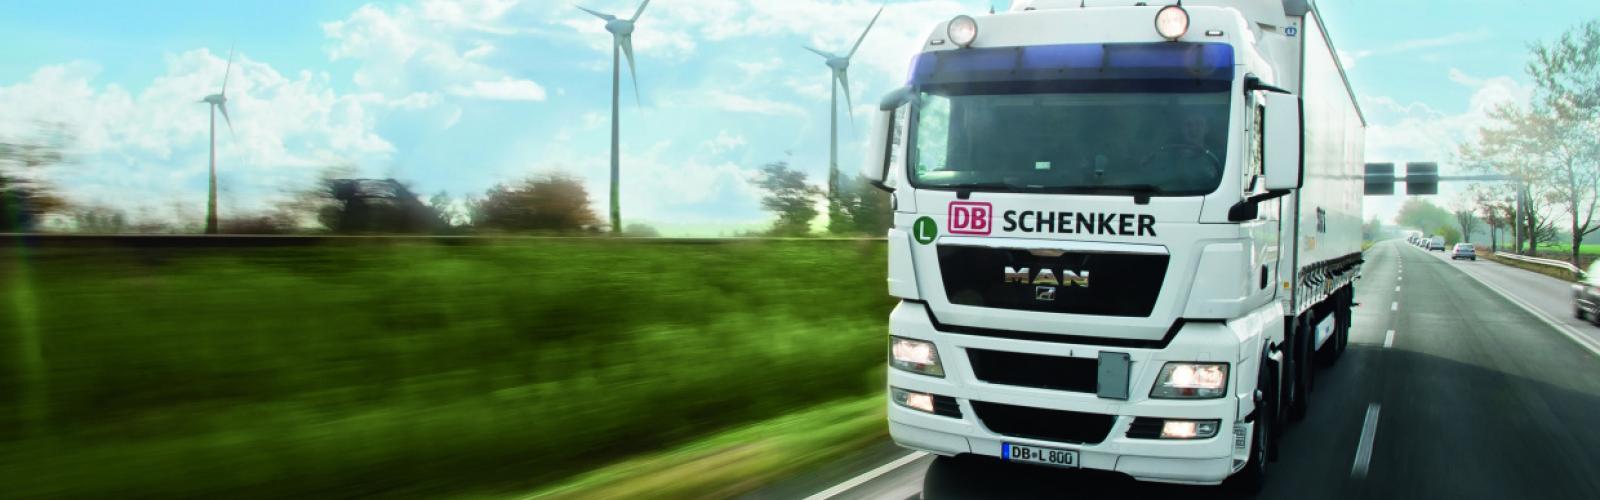 Vrachtwagen DB Schenker